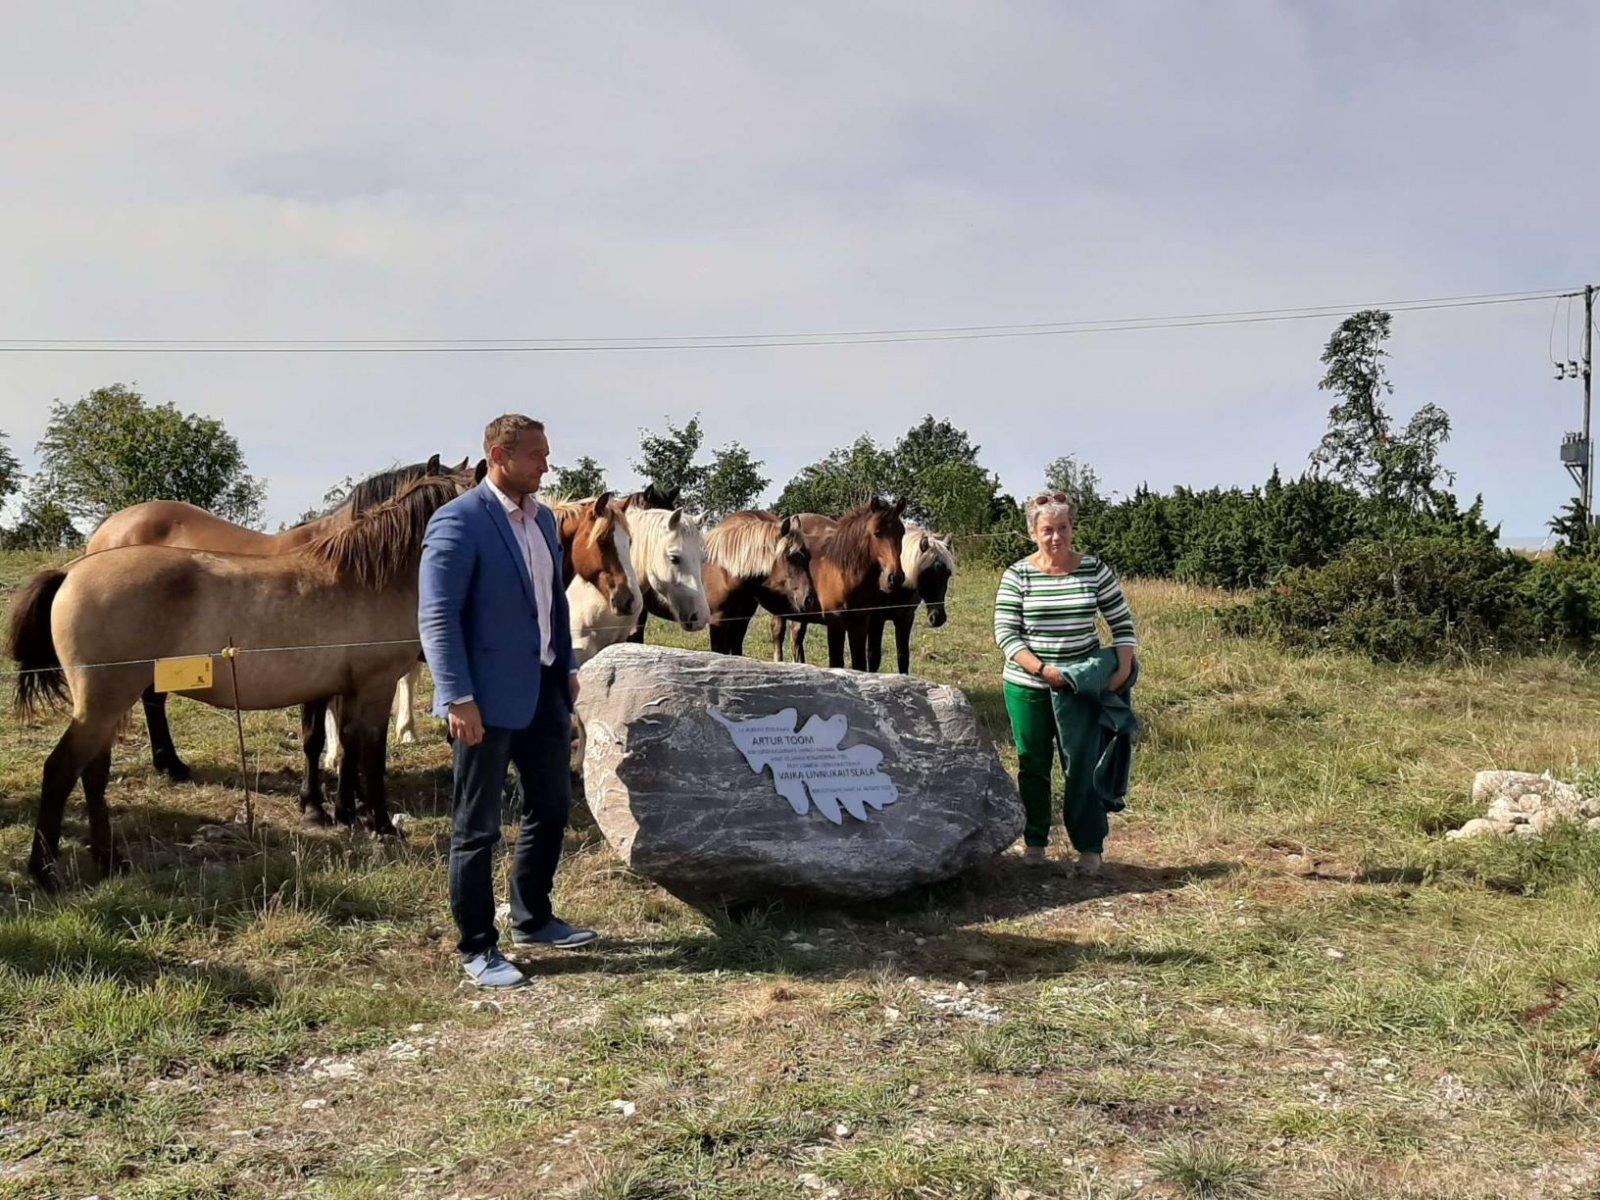 Eesti looduskaitse sünnipaigas on tänasest mälestuskivi: